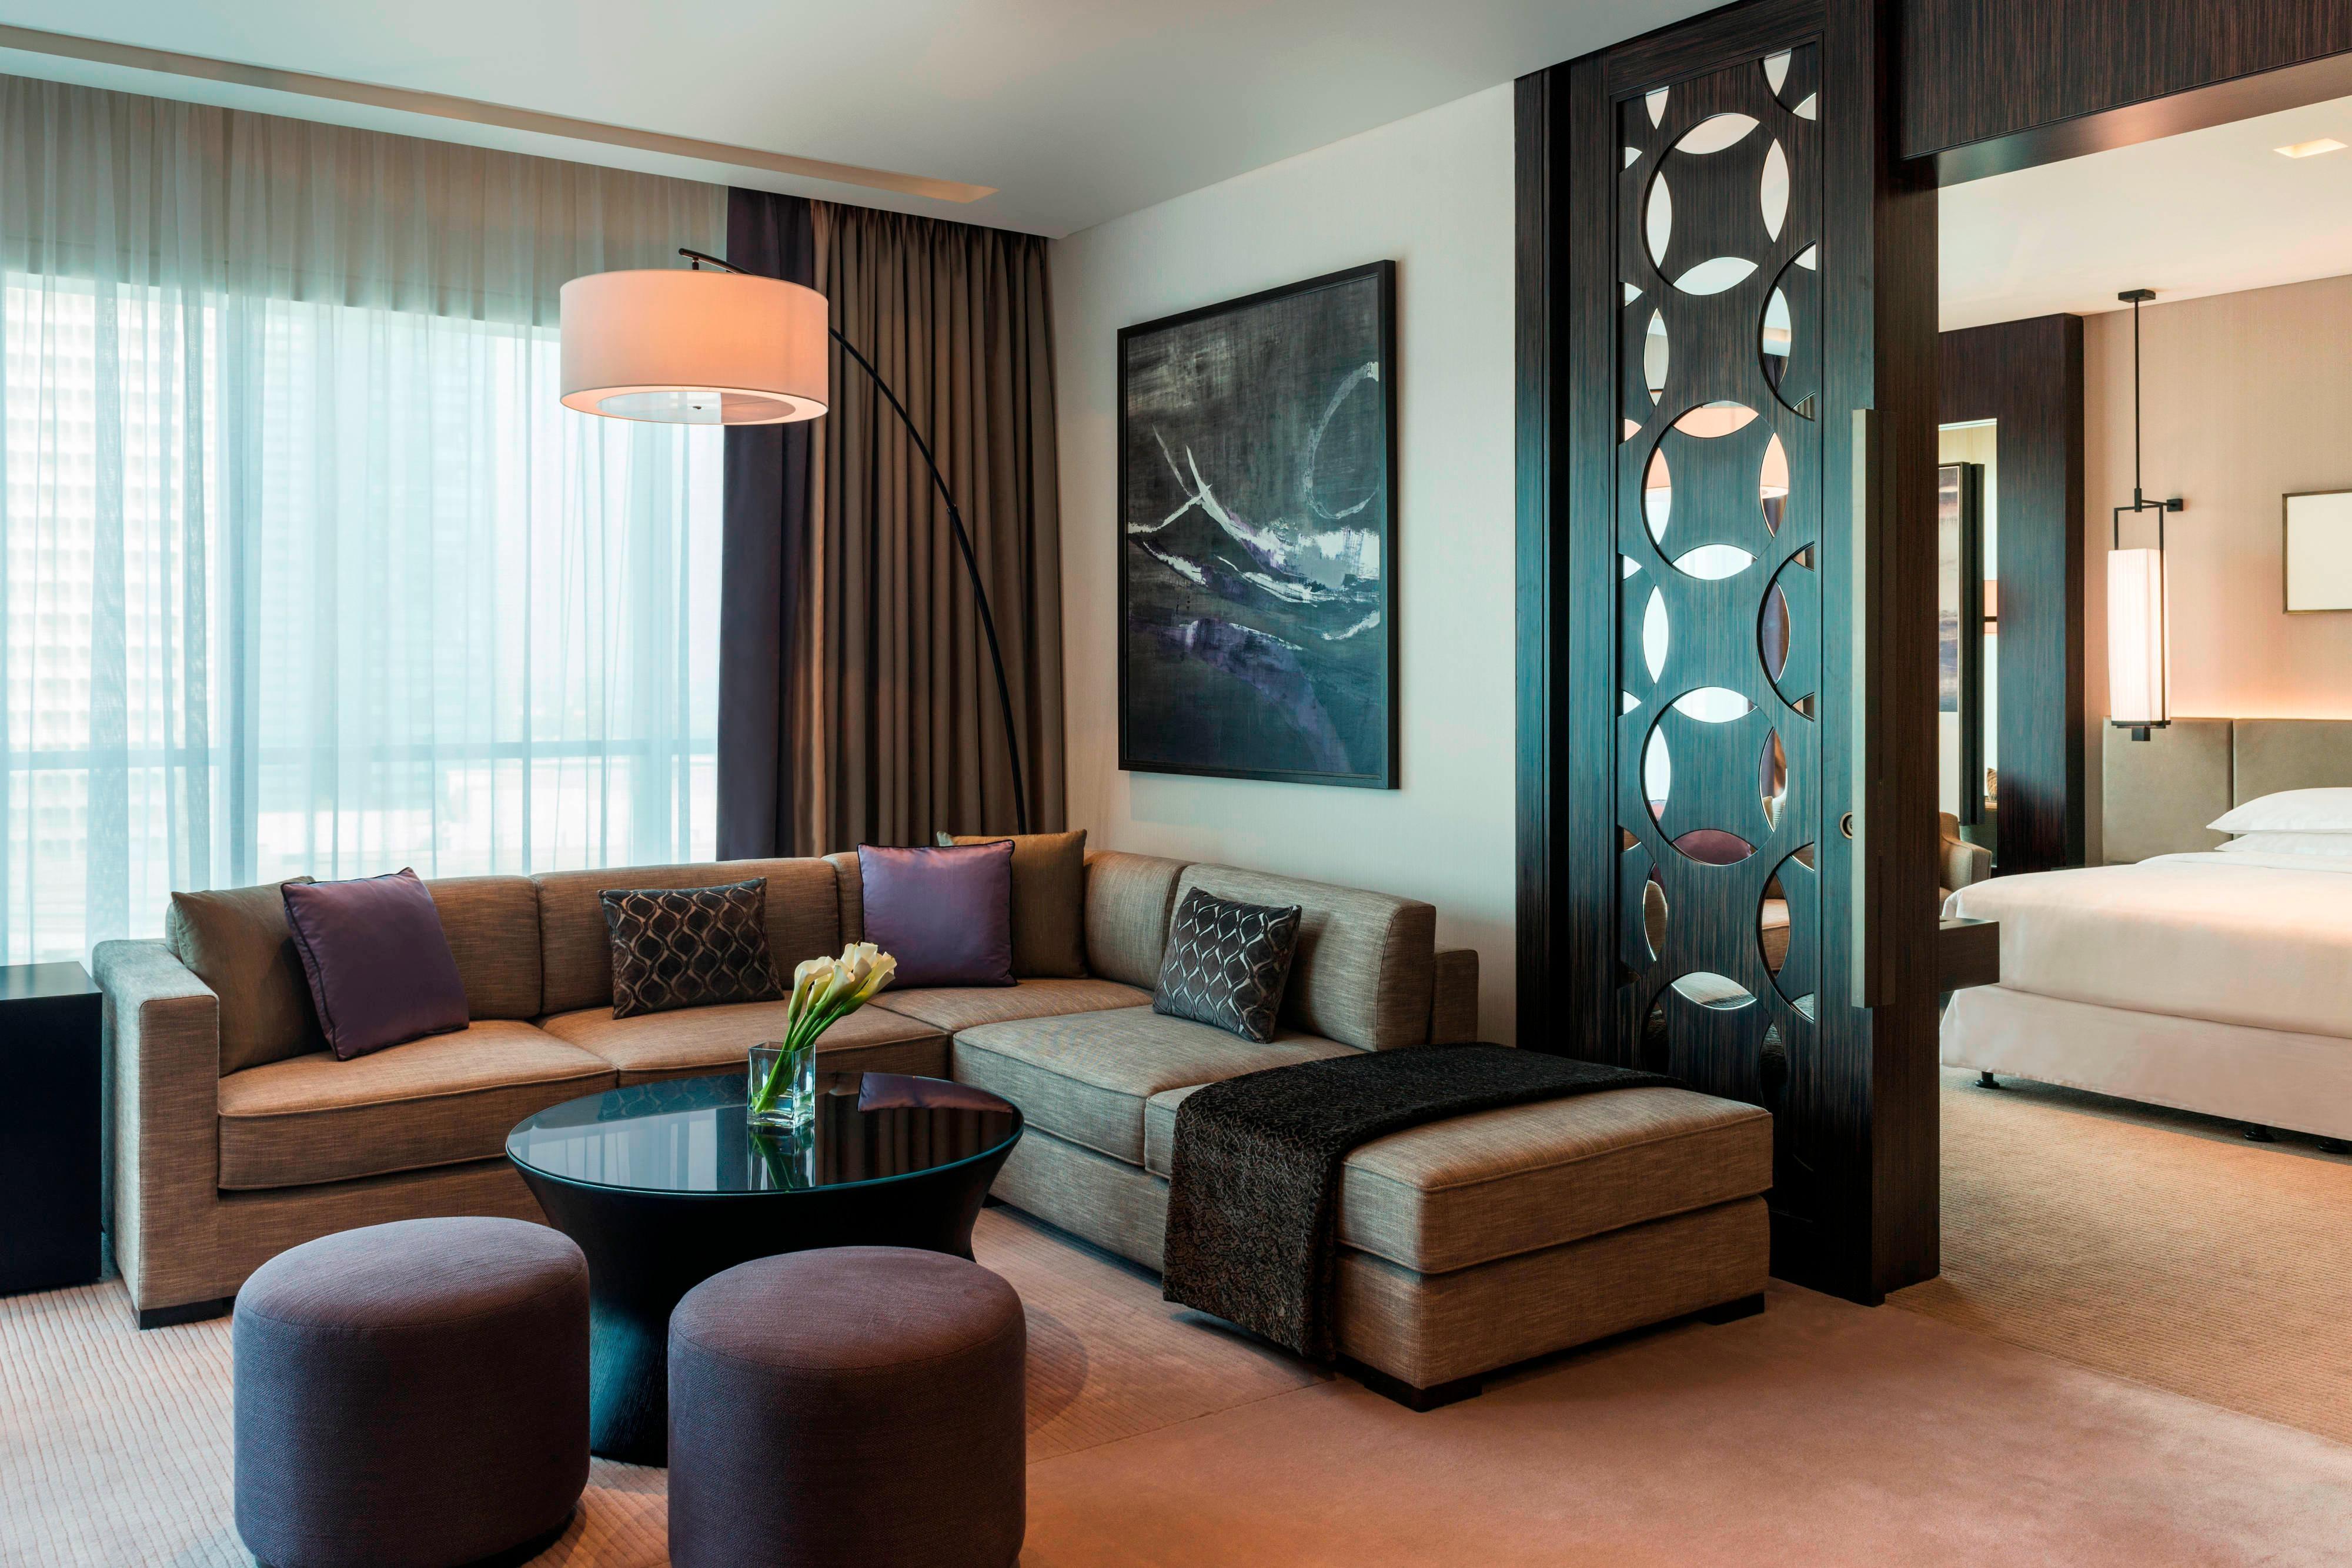 Deluxe Suite, Zugang zur Club Lounge, Suite mit 1 Schlafzimmer, 1 Kingsize-Bett, Bäder: 1.5, Blick auf die Stadt